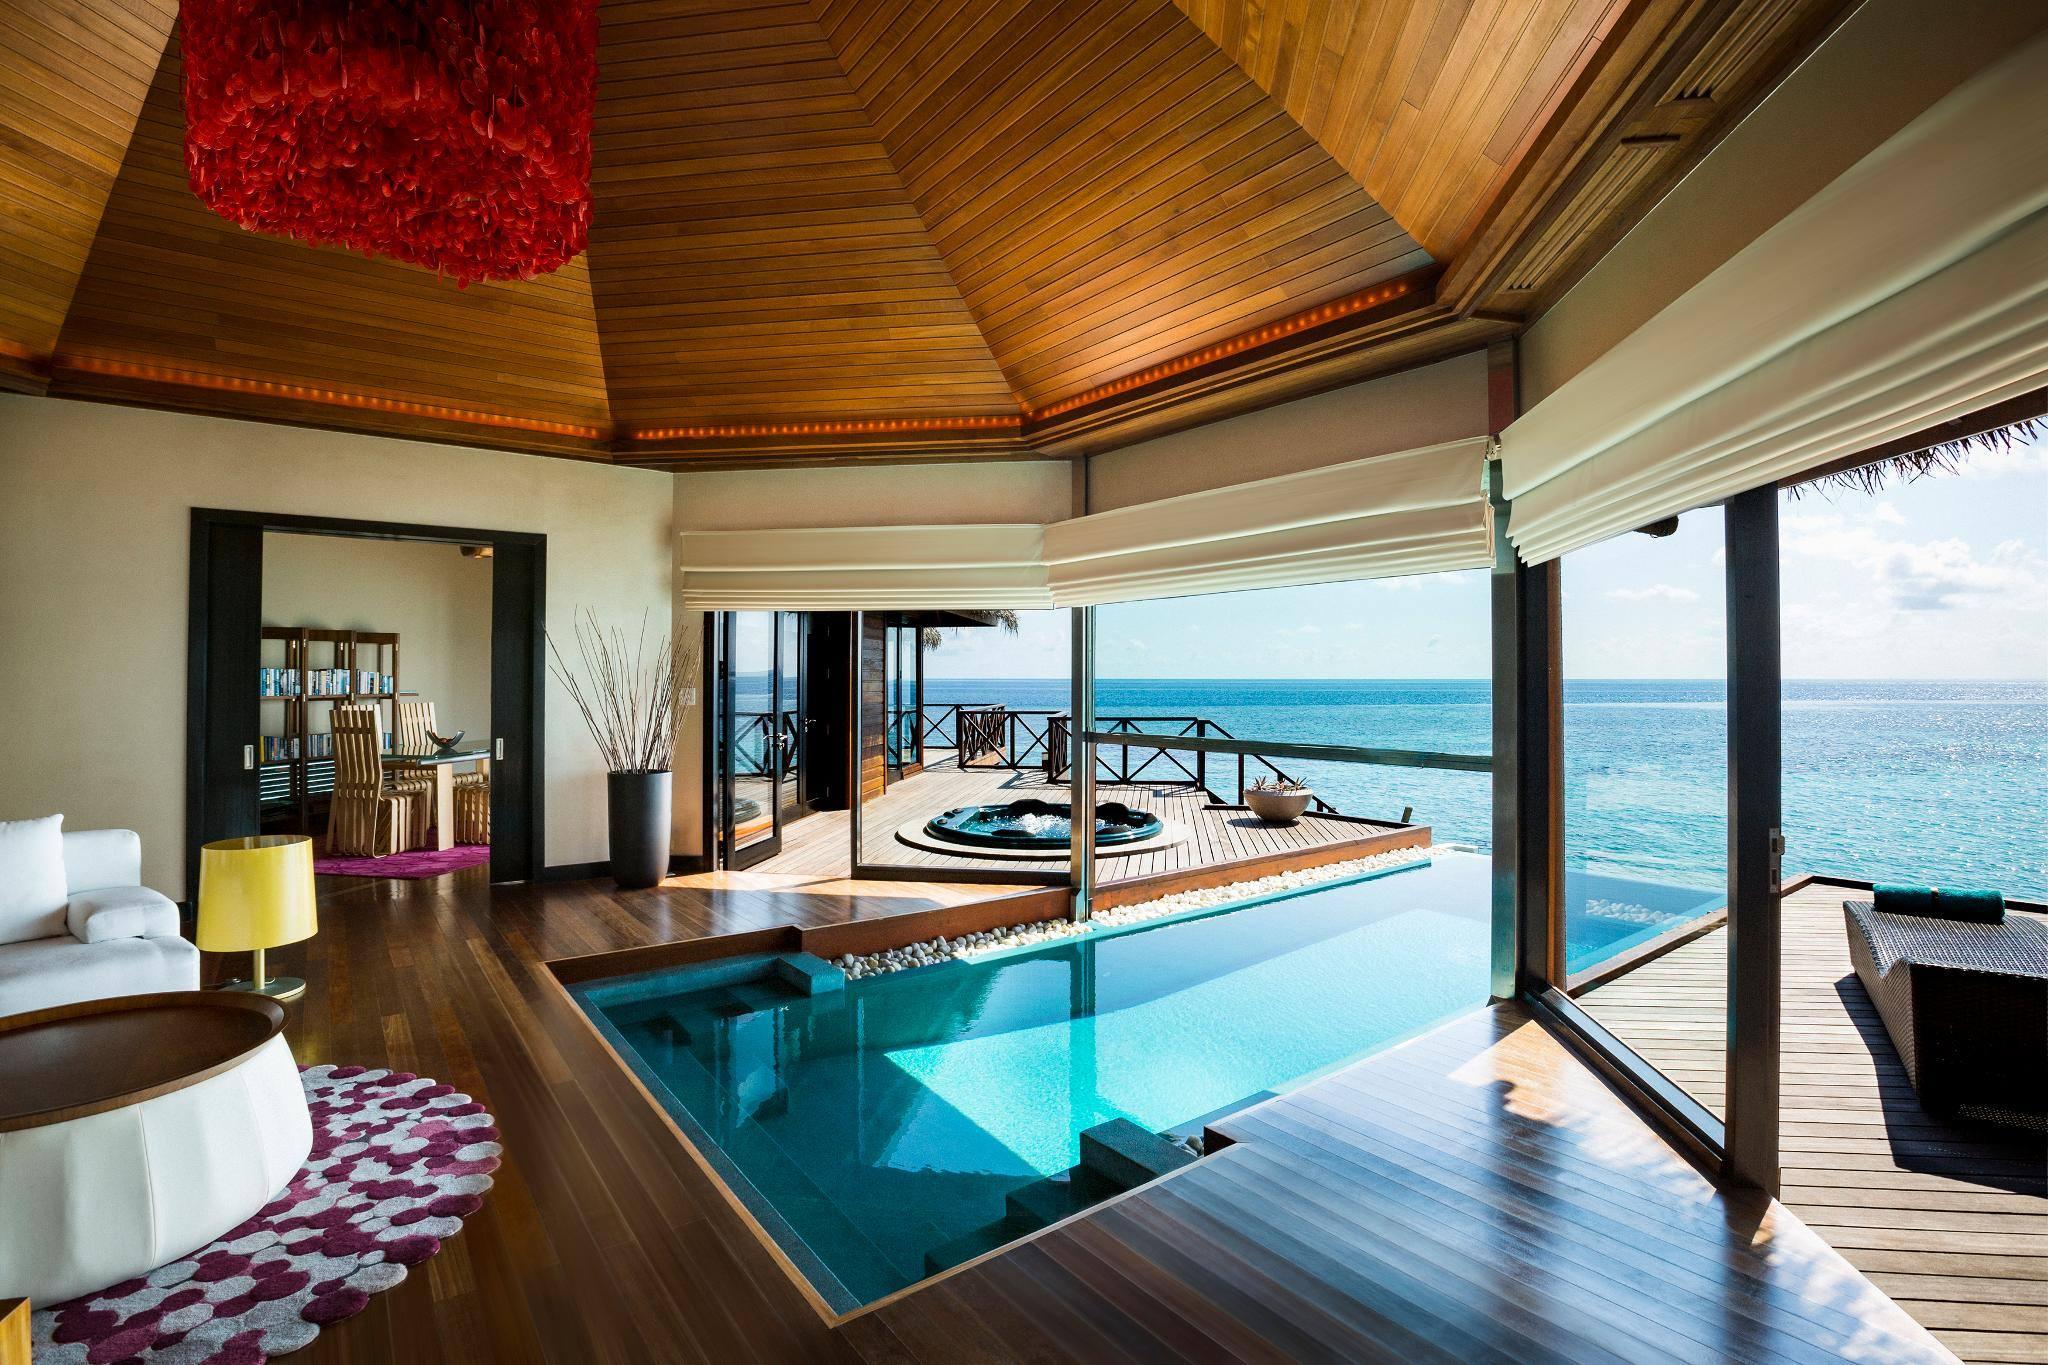 Resort Maldive per-aquum-huvafen-fushi